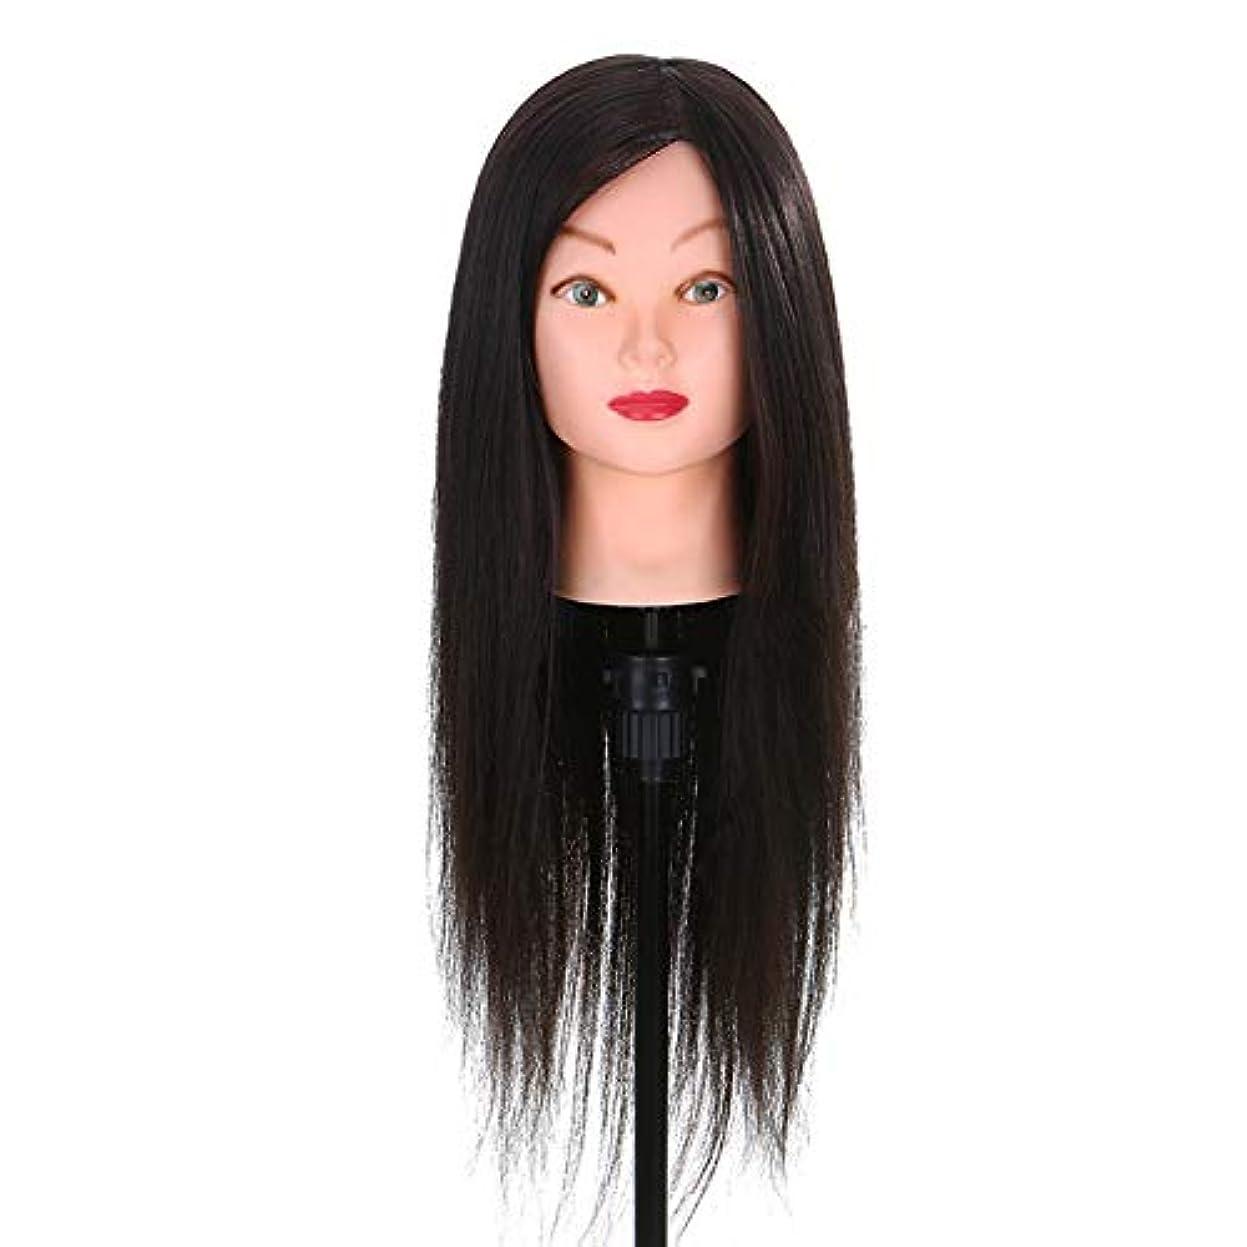 湾デッドロック市区町村練習ディスク髪編組ヘアモデル理髪店スクールティーチングヘッドロングかつら美容マネキンヘッドブラケット